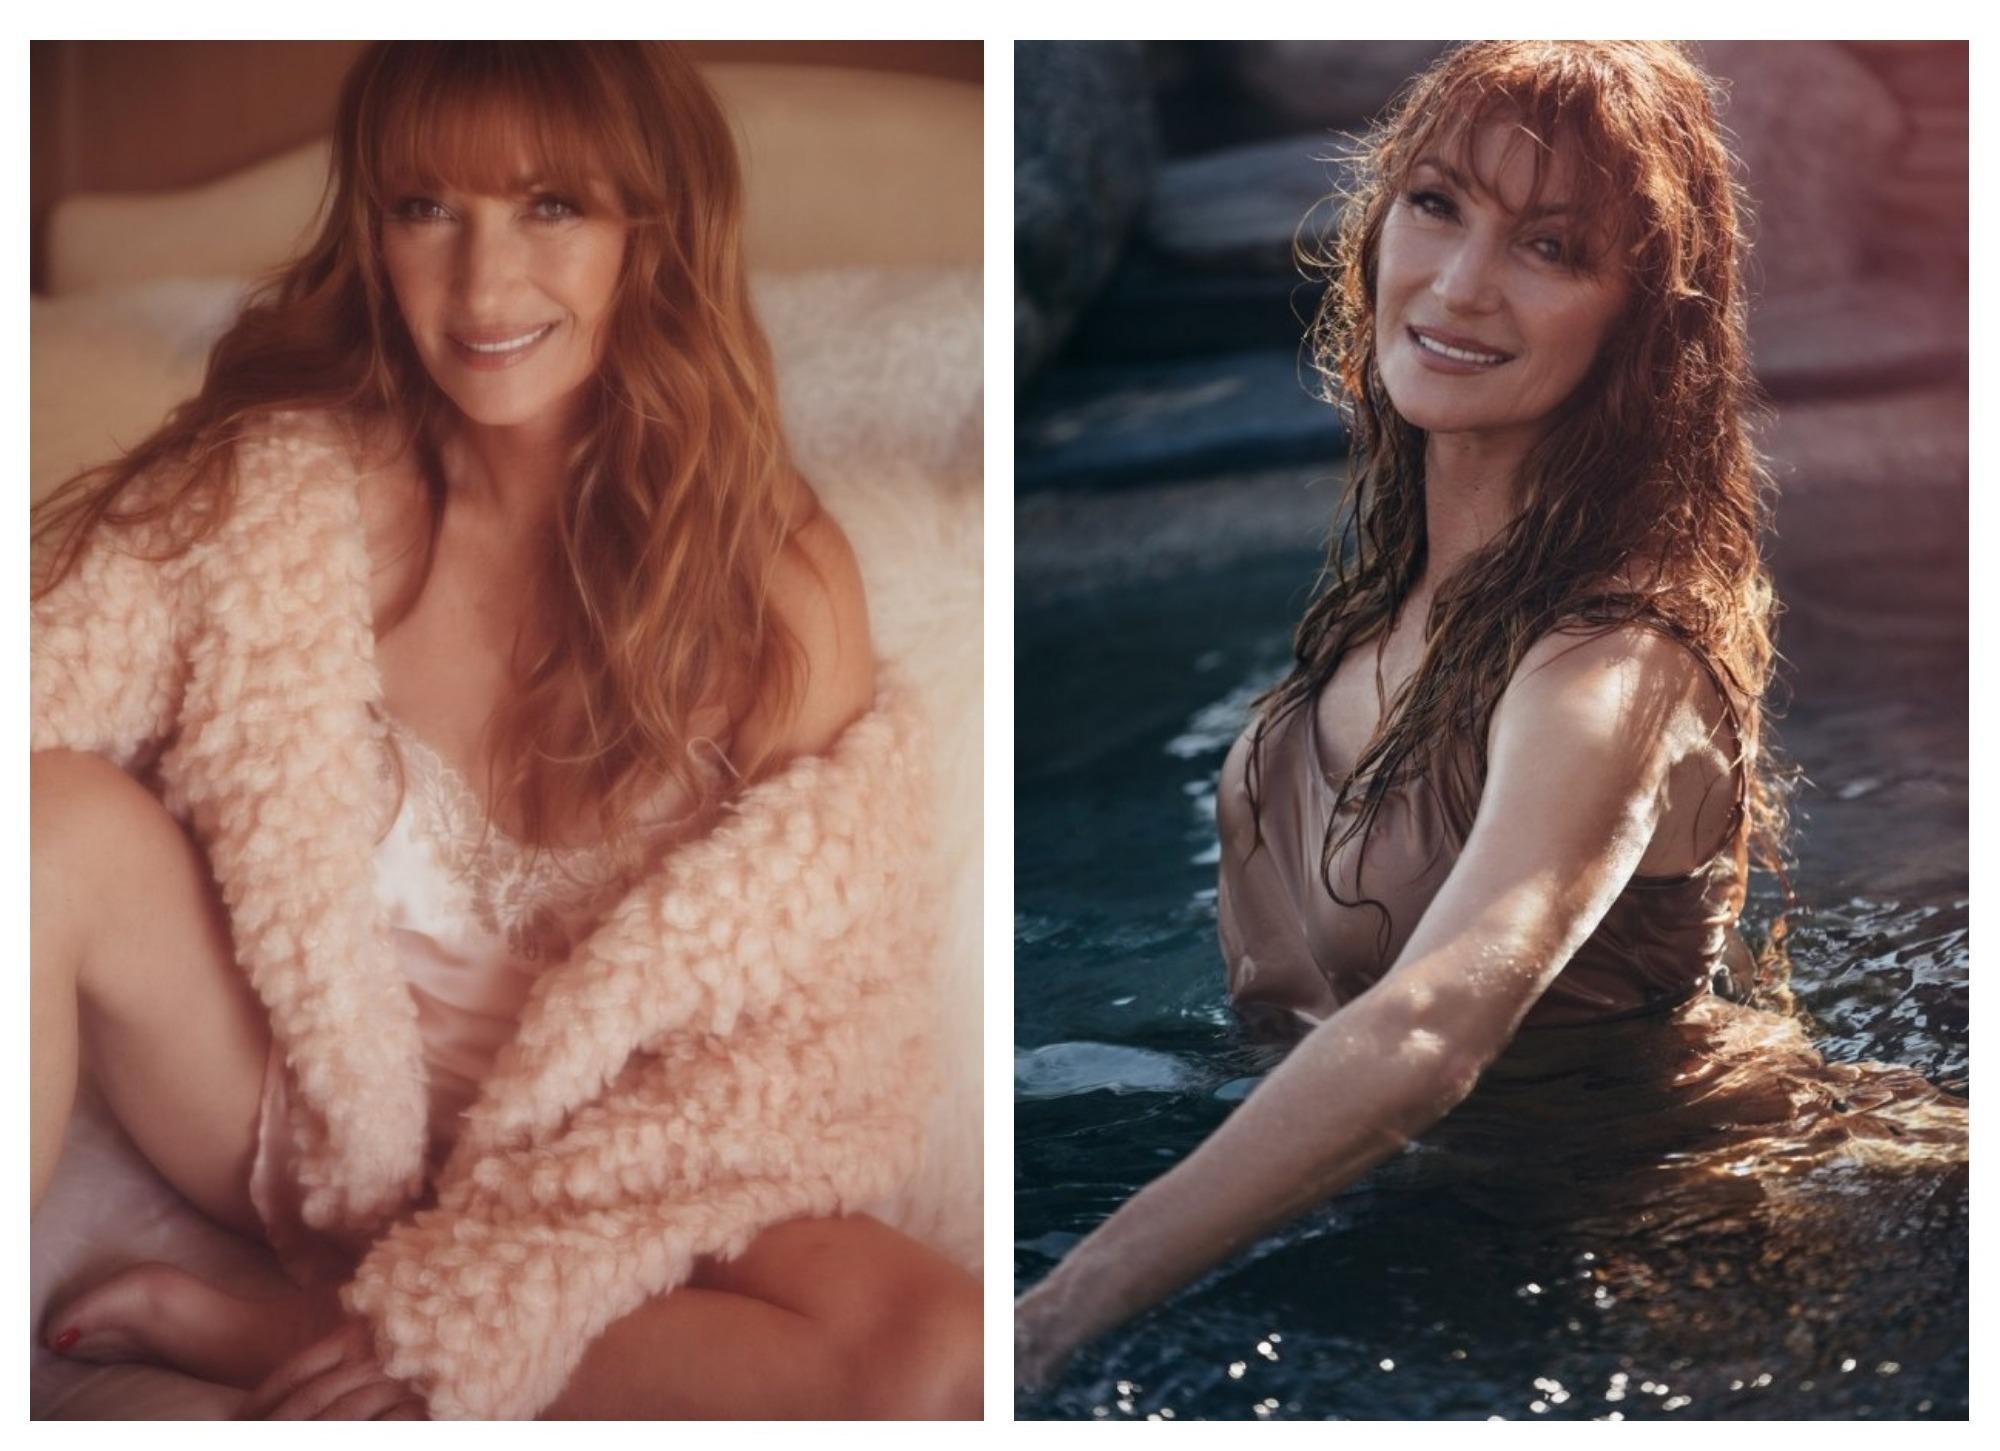 Неувядающая красота и сексуальность: 67-летняя Джейн Сеймур снялась для журнала Playboy – ФОТО